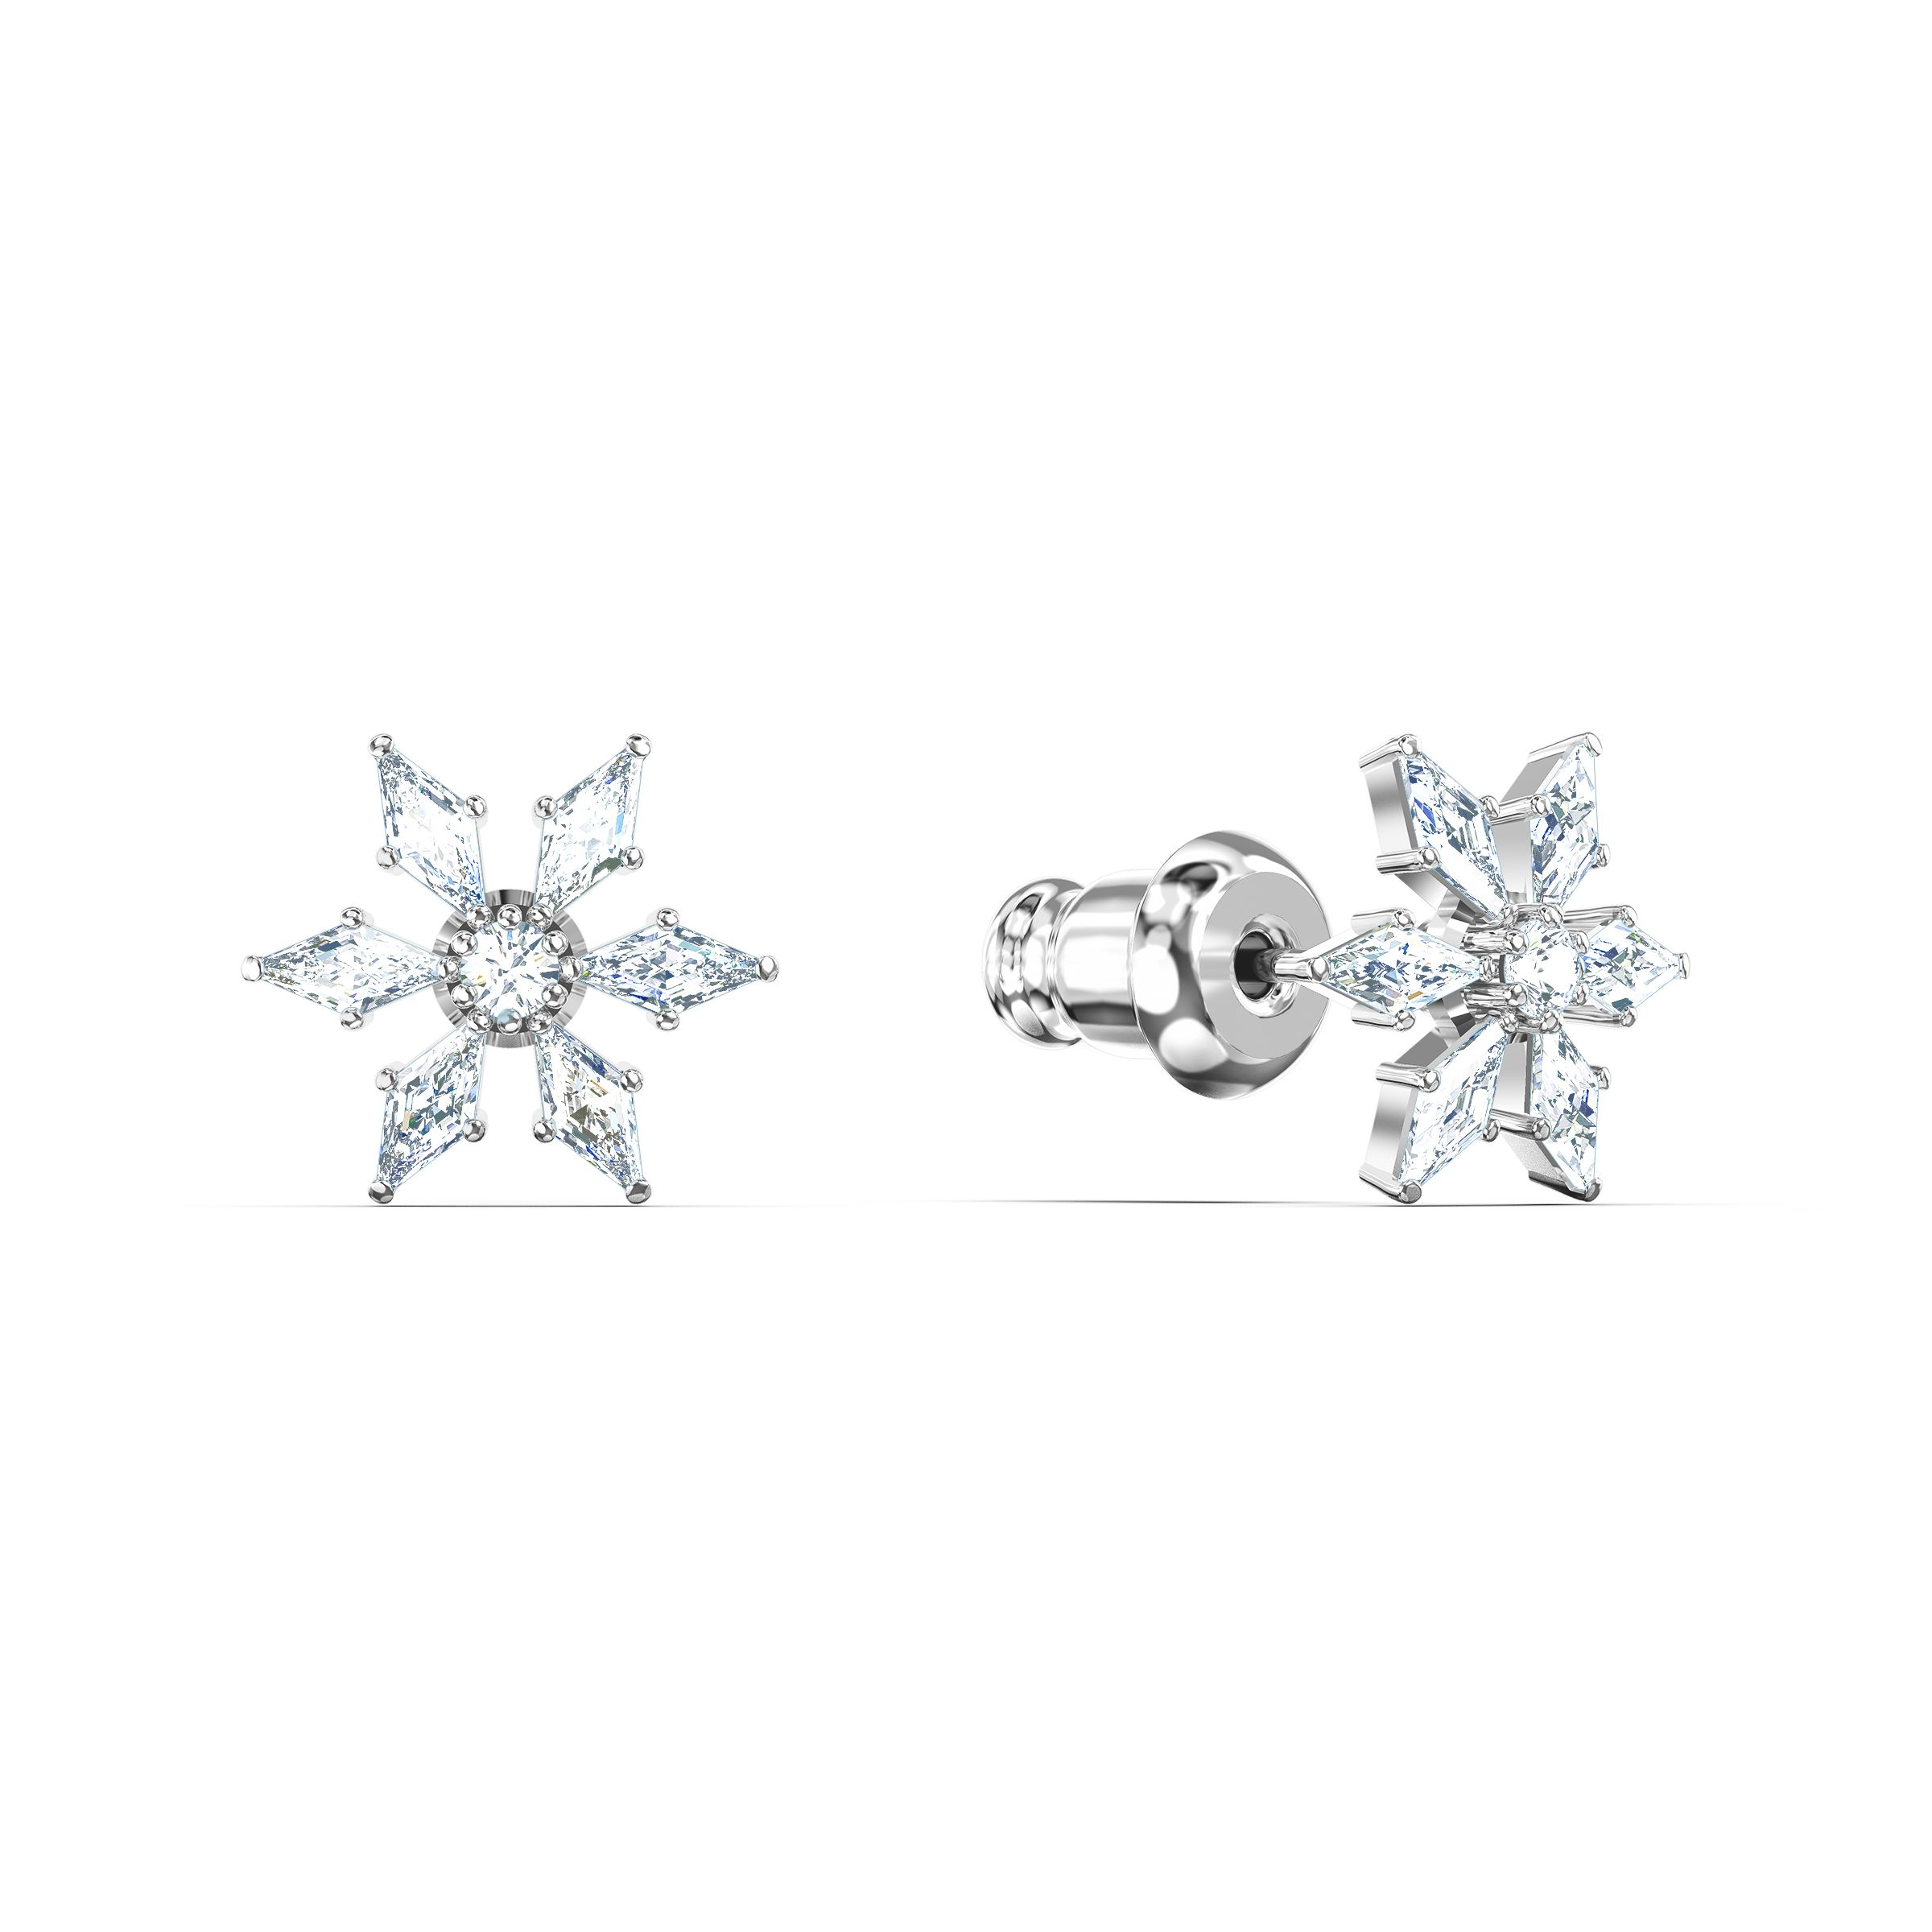 Boucles d'oreilles Magic Chain, blanc, métal rhodié, Swarovski